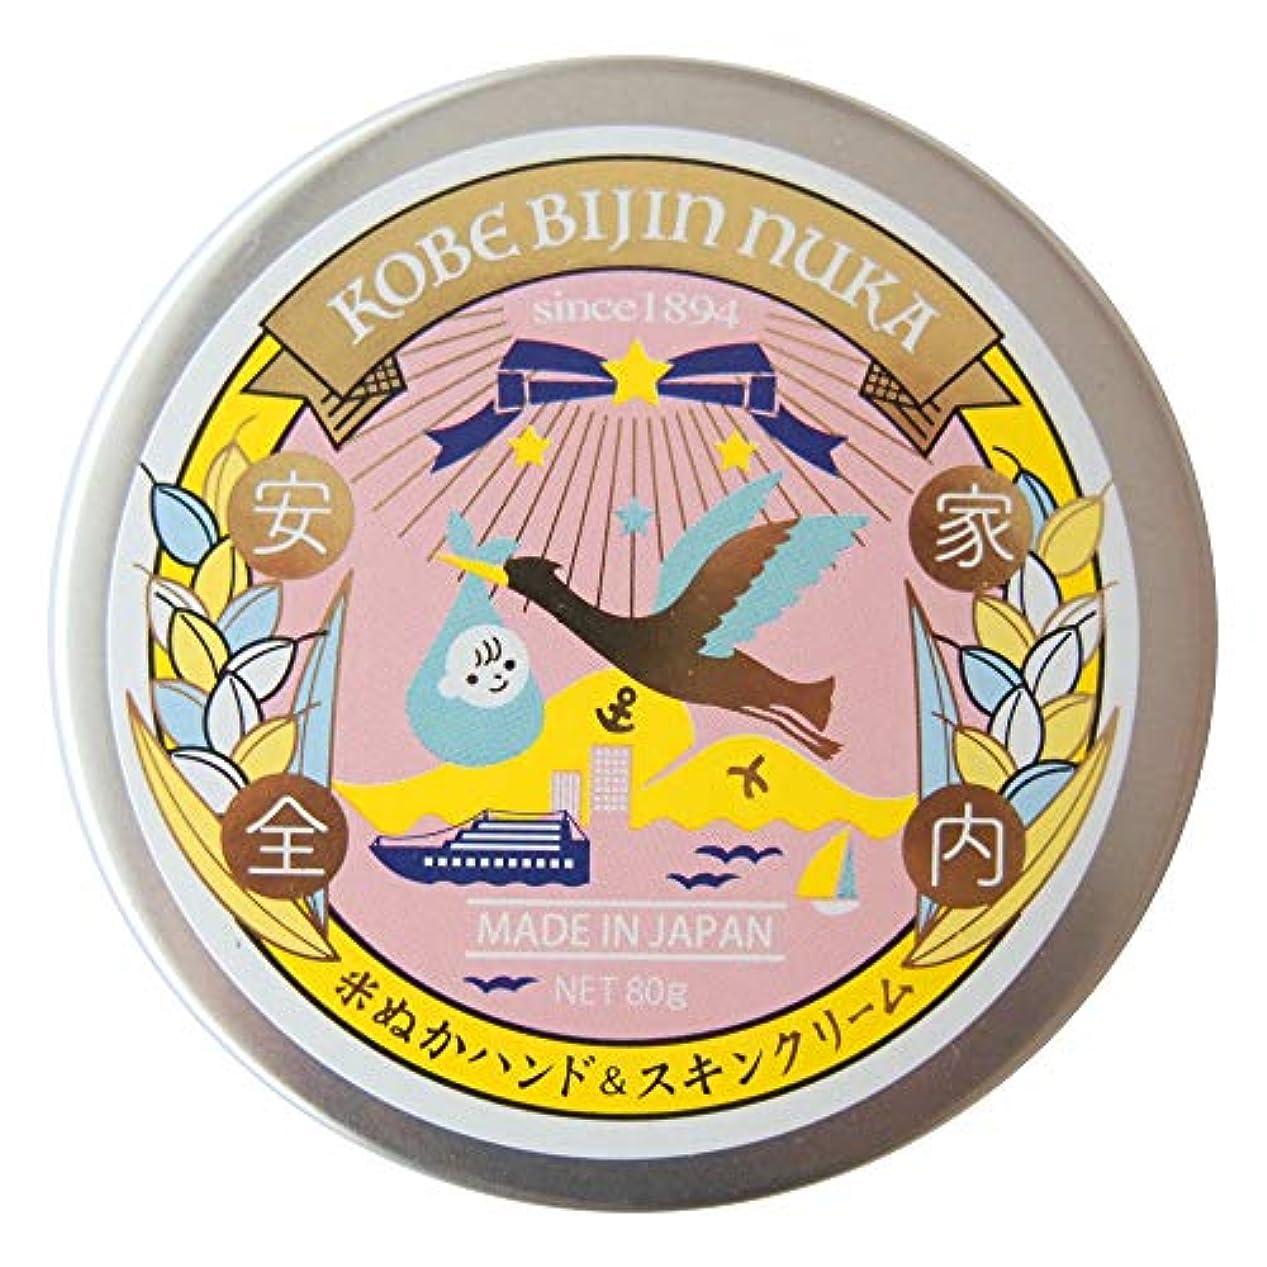 キャンベラ感嘆符勝利した神戸美人ぬか 米ぬかハンド&スキンクリーム(家内安全)【無香料】 80g